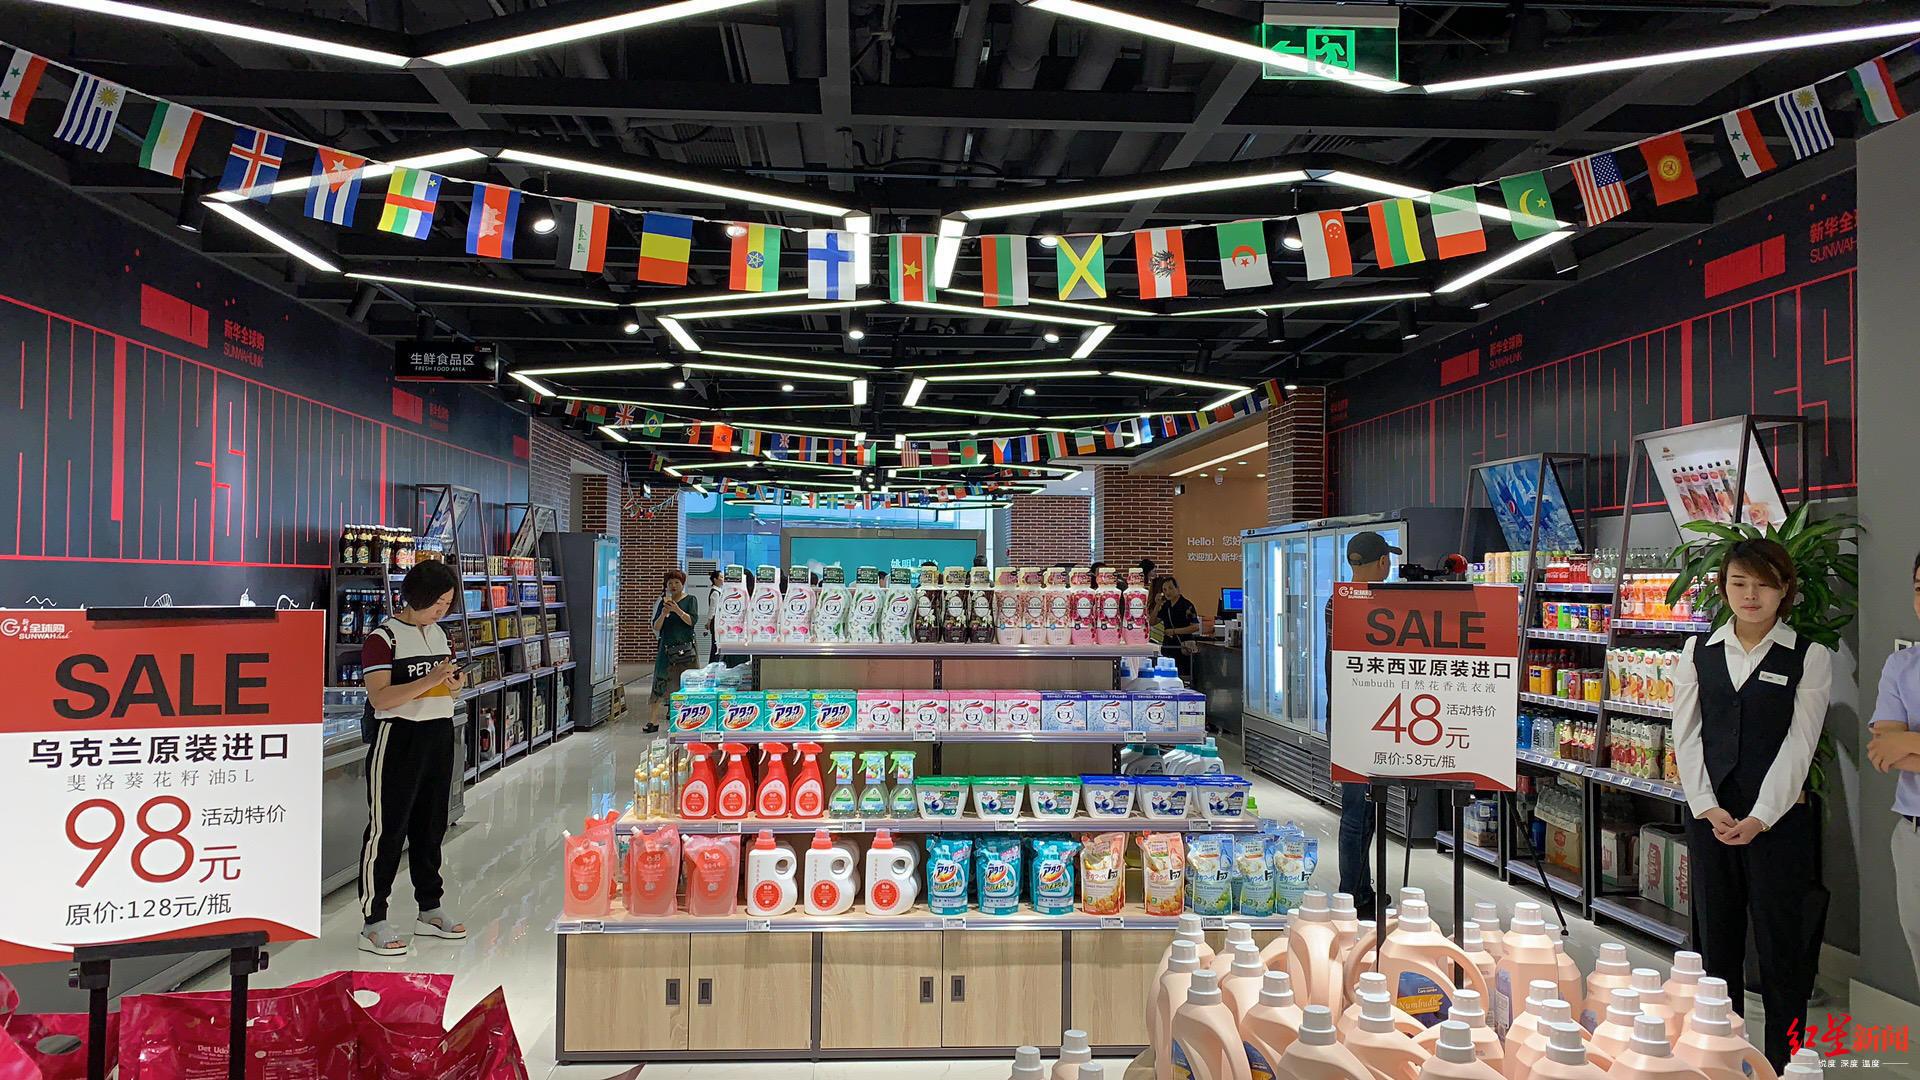 15000个进口商品任意购 西部首家新华全球购门店开业